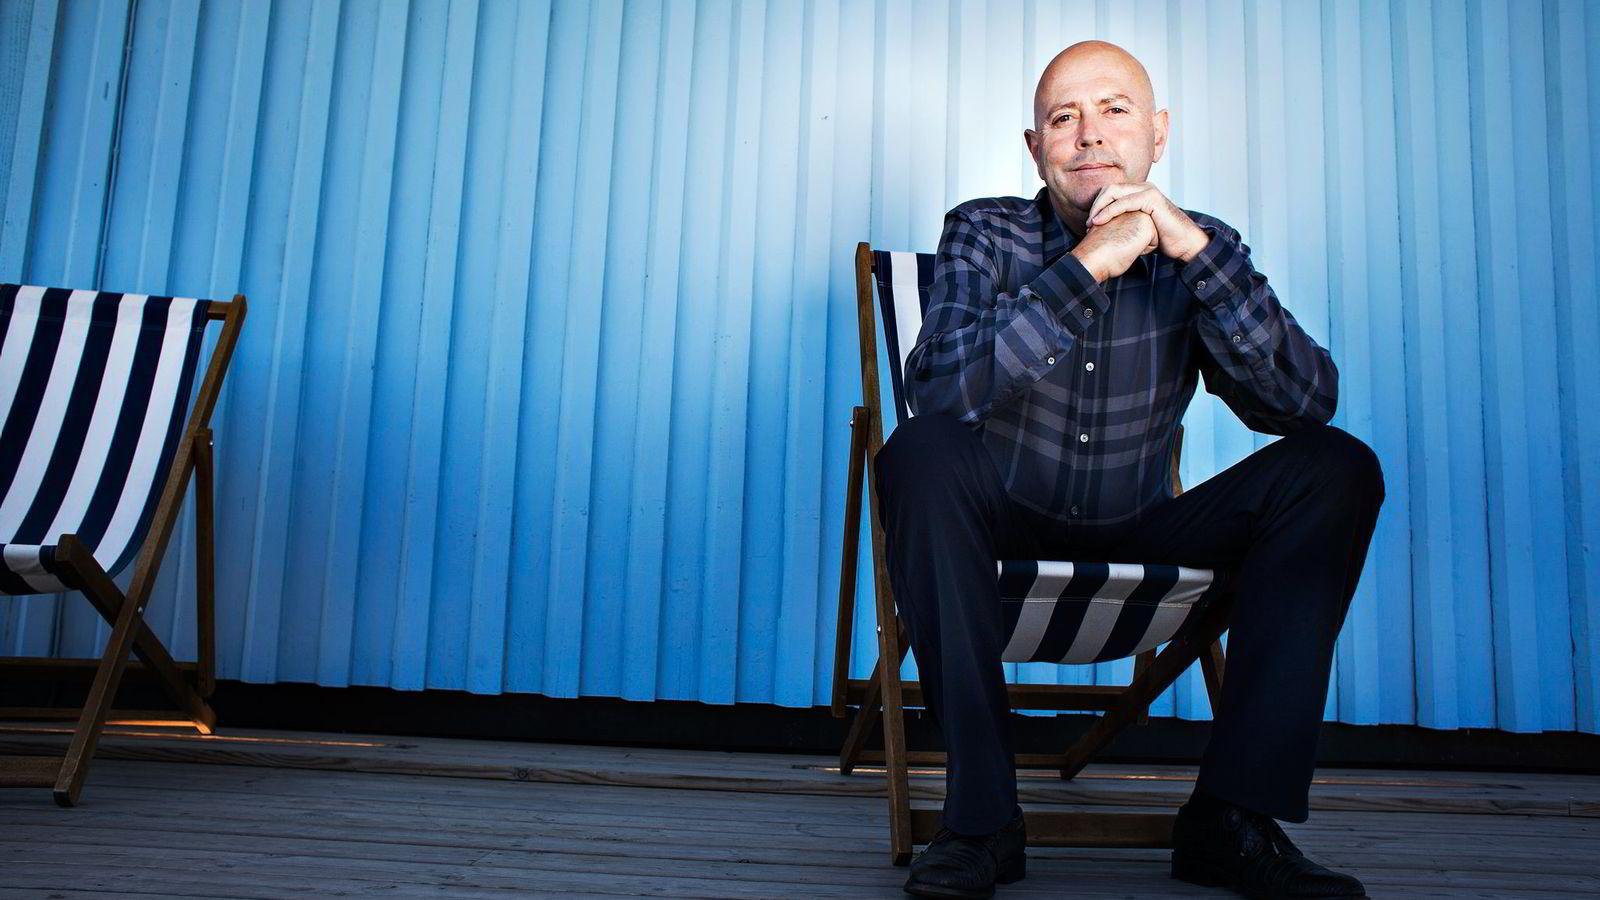 Tidligere var Miguel Sørholt en av Norges mest kjente eiendomsmeglere innenfor luksussegmentet i Oslo. Foto: Klaudia Lech